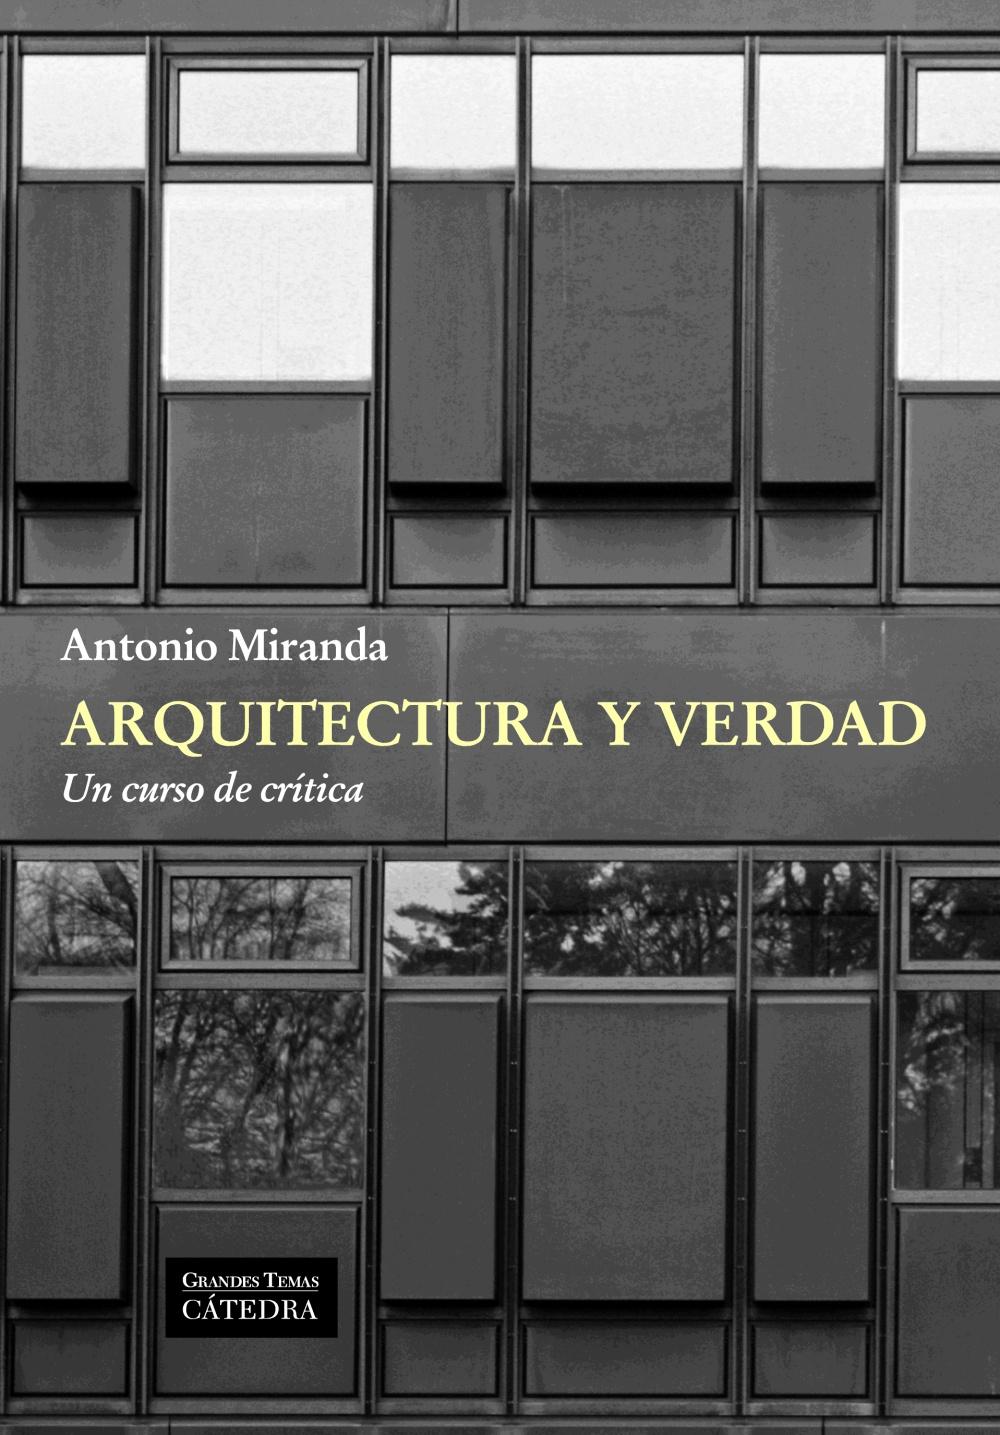 arquitectura y verdad-antonio miranda-9788437631462